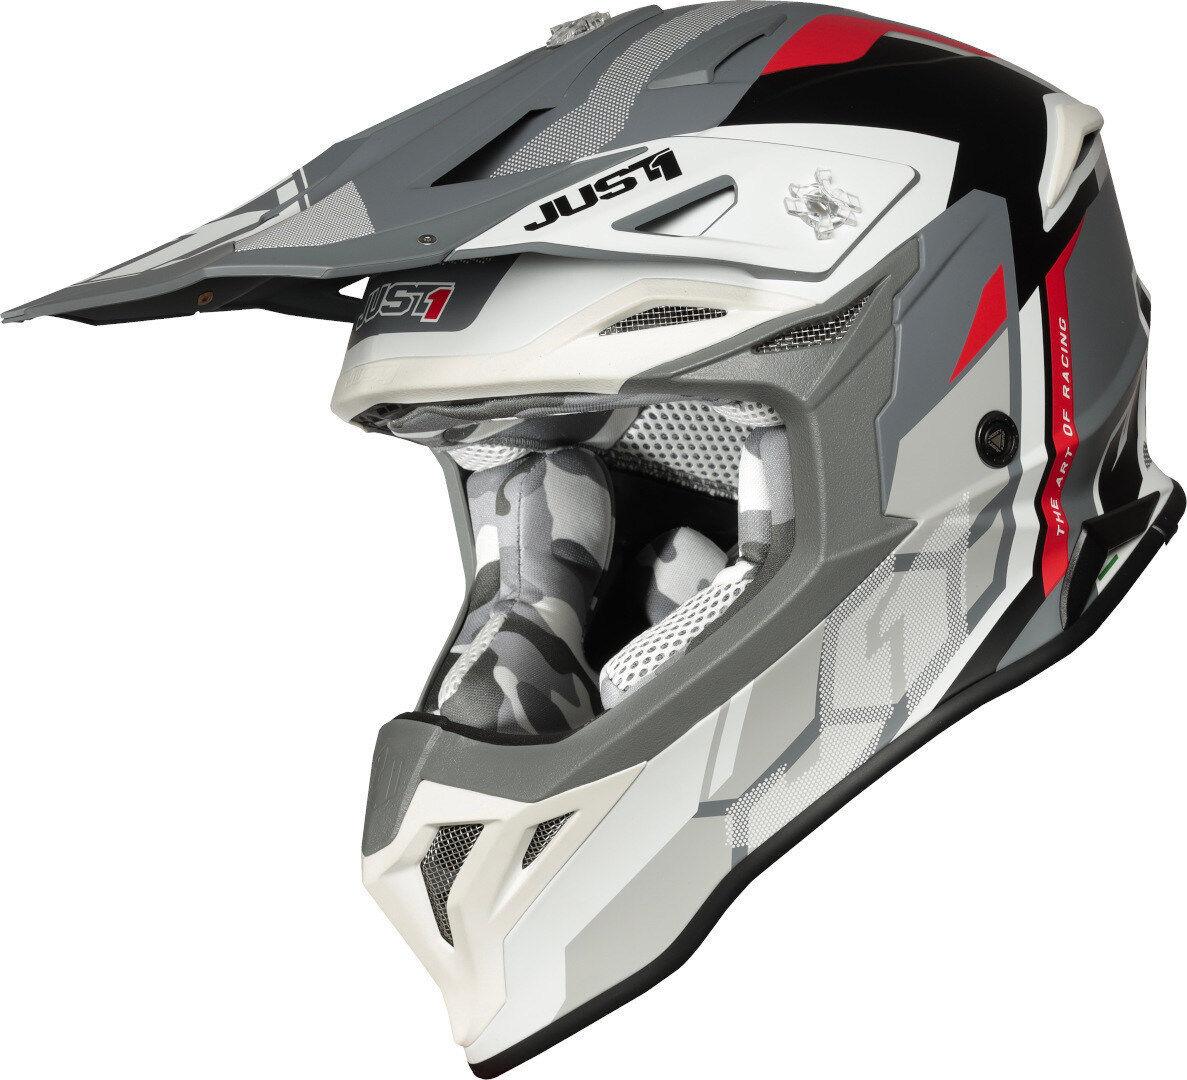 Just1 J39 Reactor Motocross kypärä  - Harmaa Valkoinen Punainen - Size: S